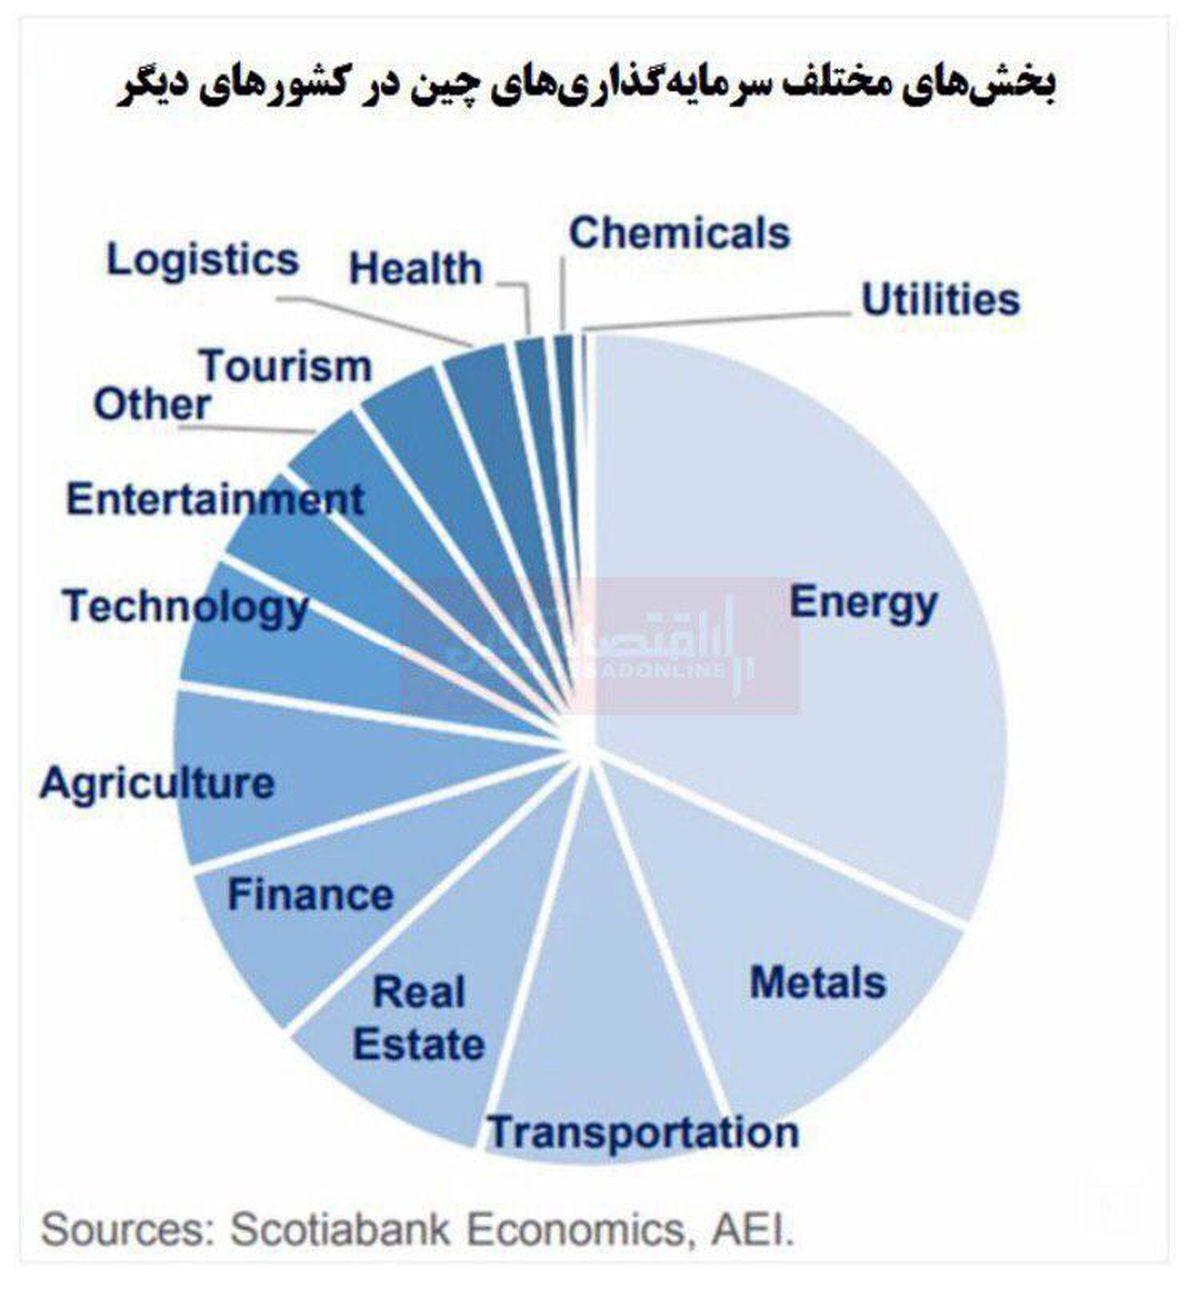 بخشهای مختلف سرمایهگذاریهای چین در سایر کشورها